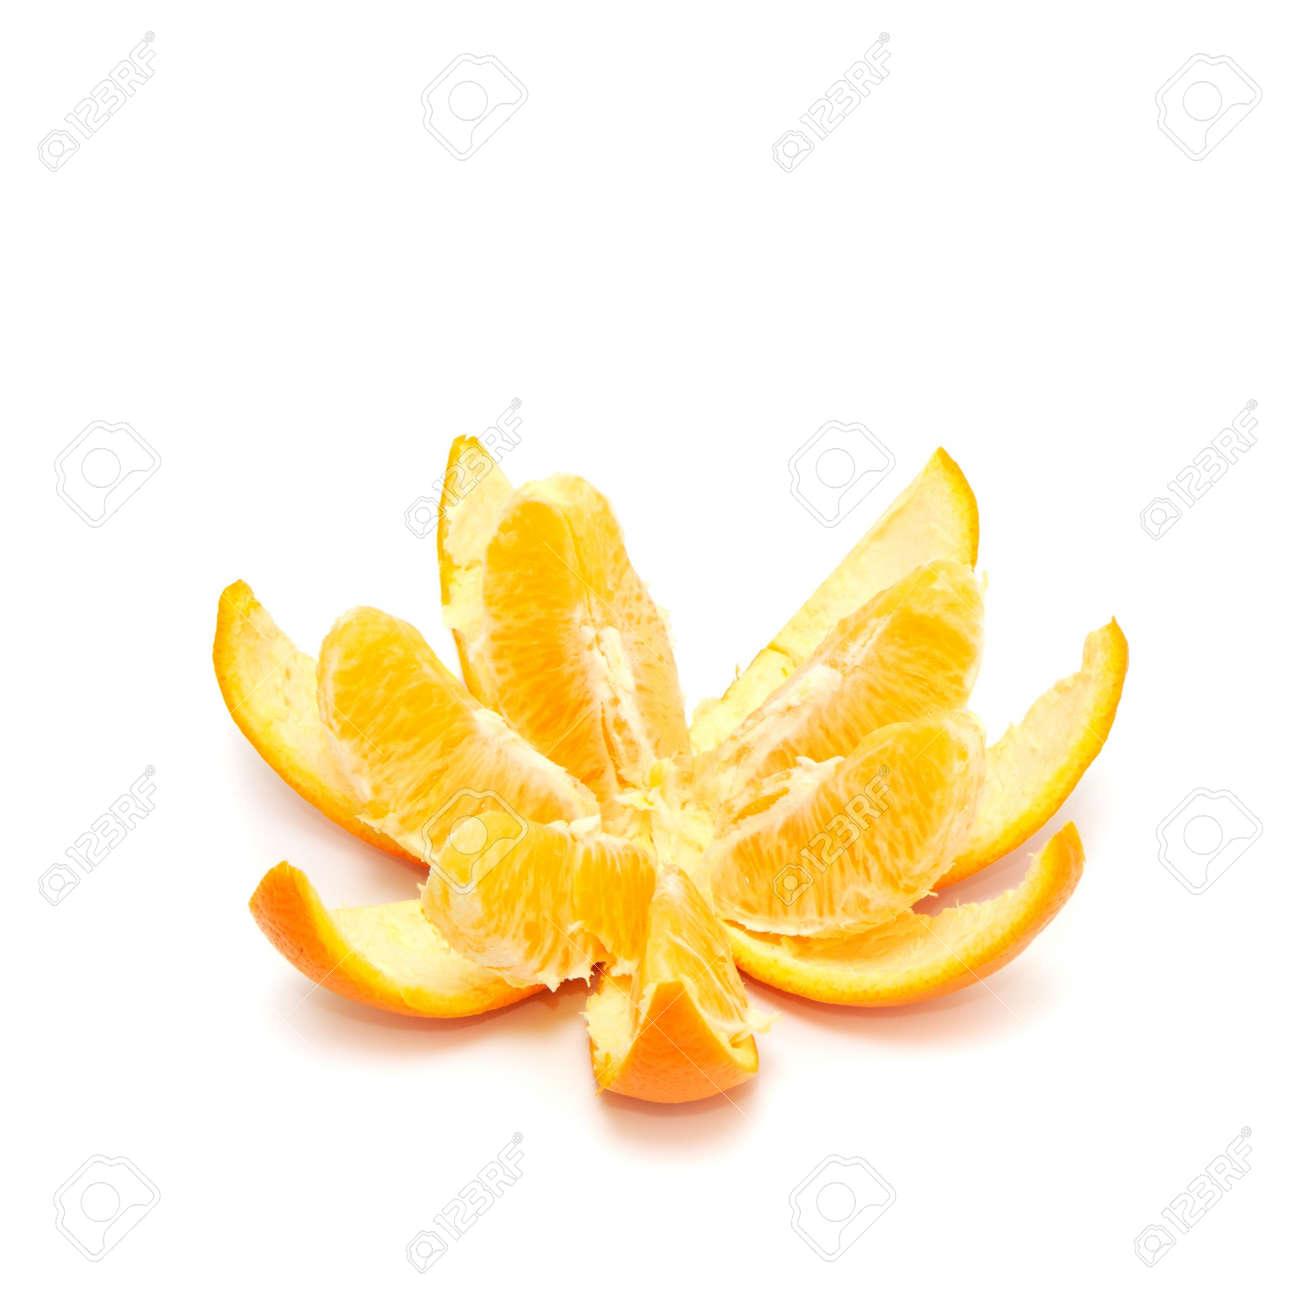 Orange isolated on a white background Stock Photo - 2917985